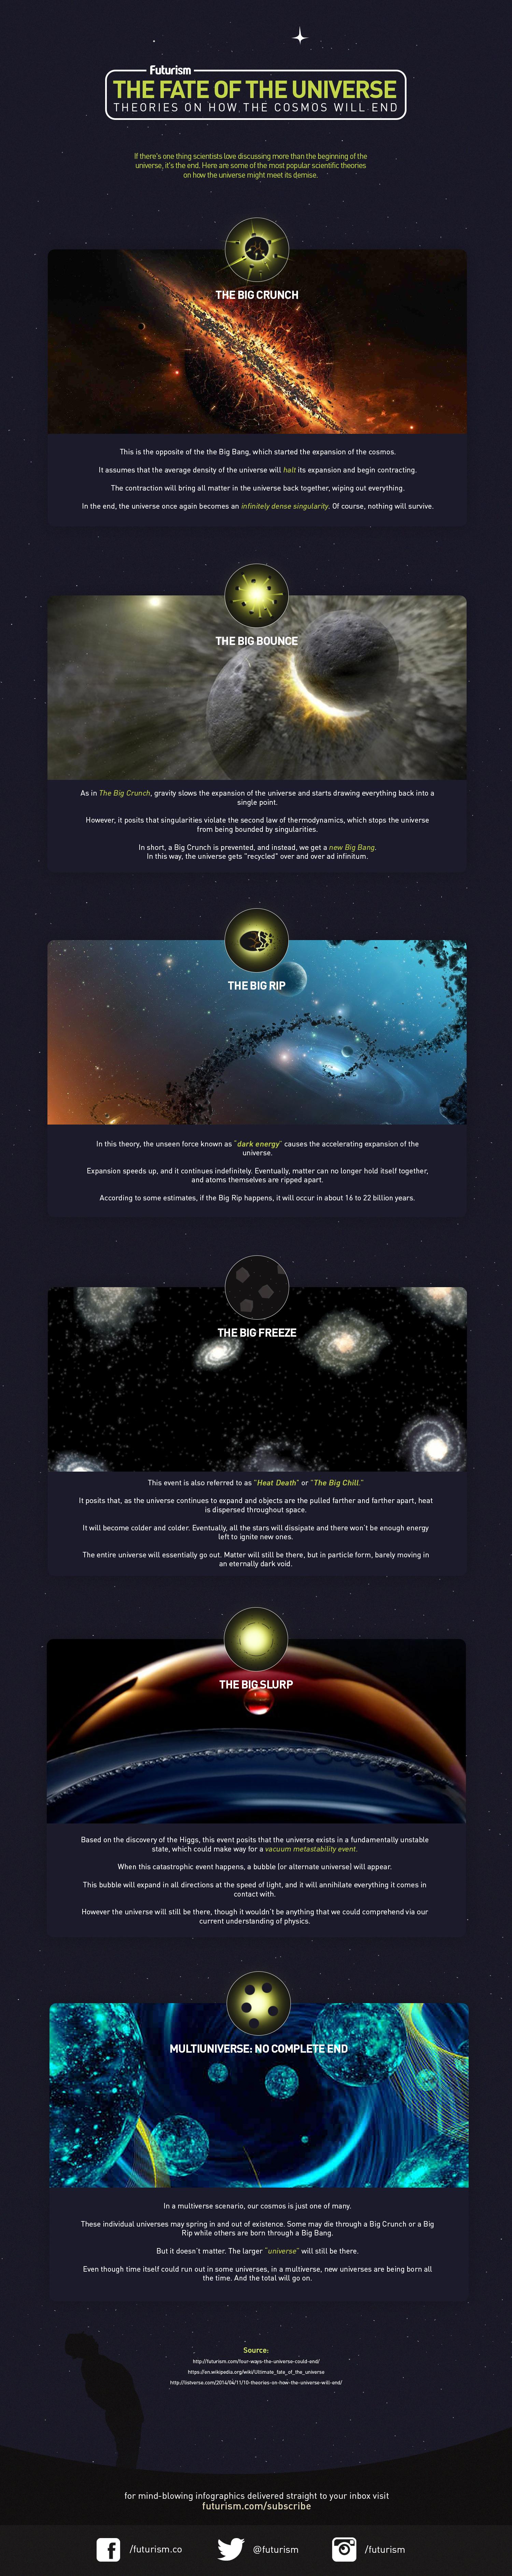 theories on how to make dark matter